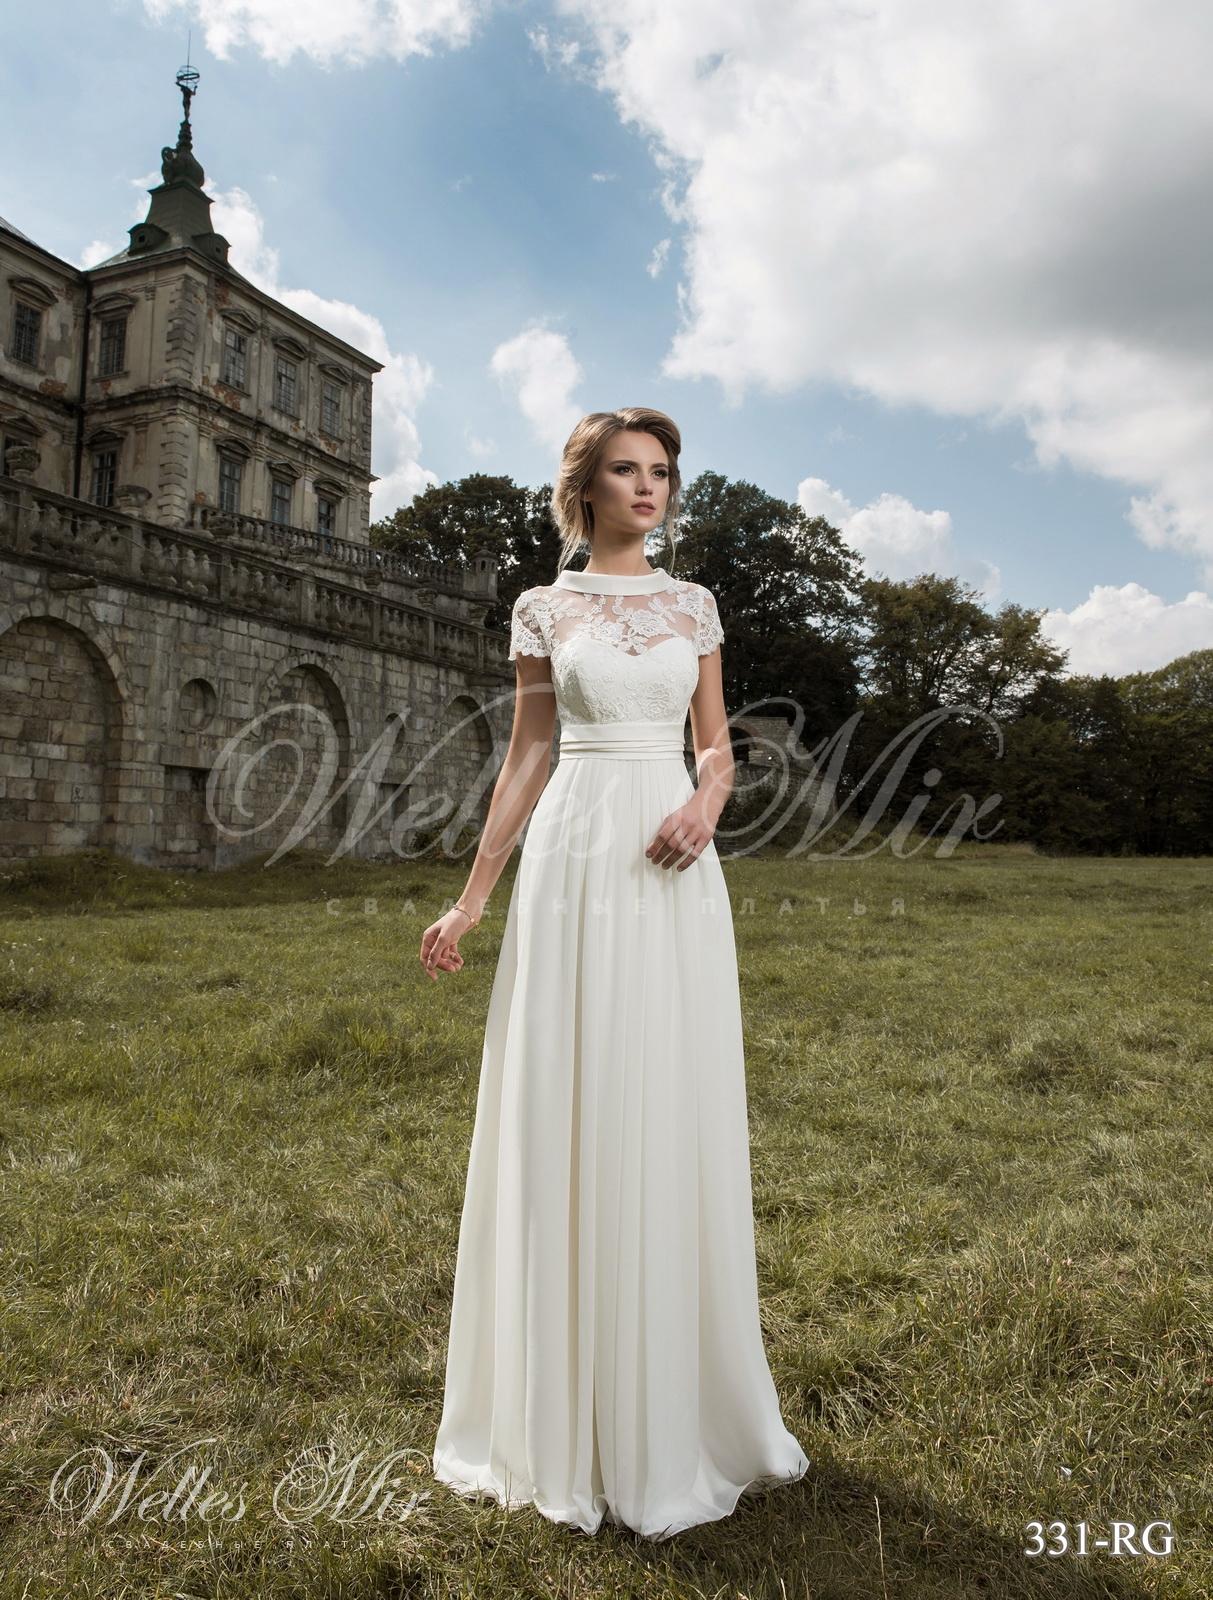 Свадебные платья Exquisite Collection - 331-RG